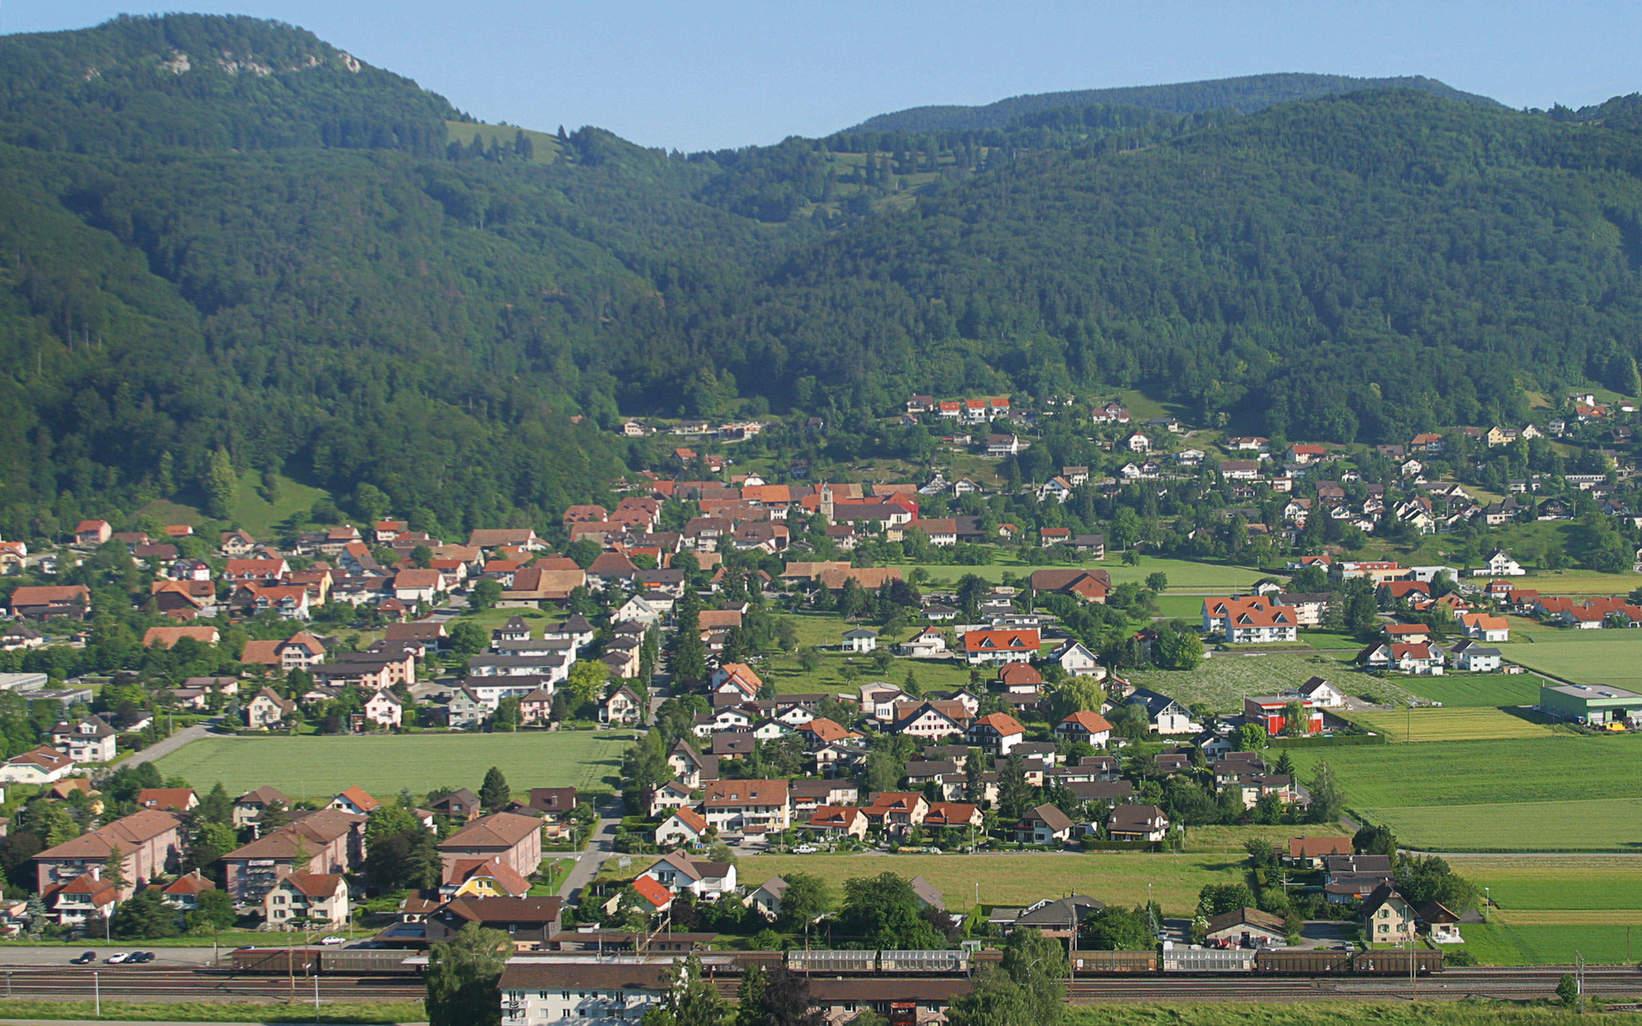 Luftaufnahme Dorf in Solothurn